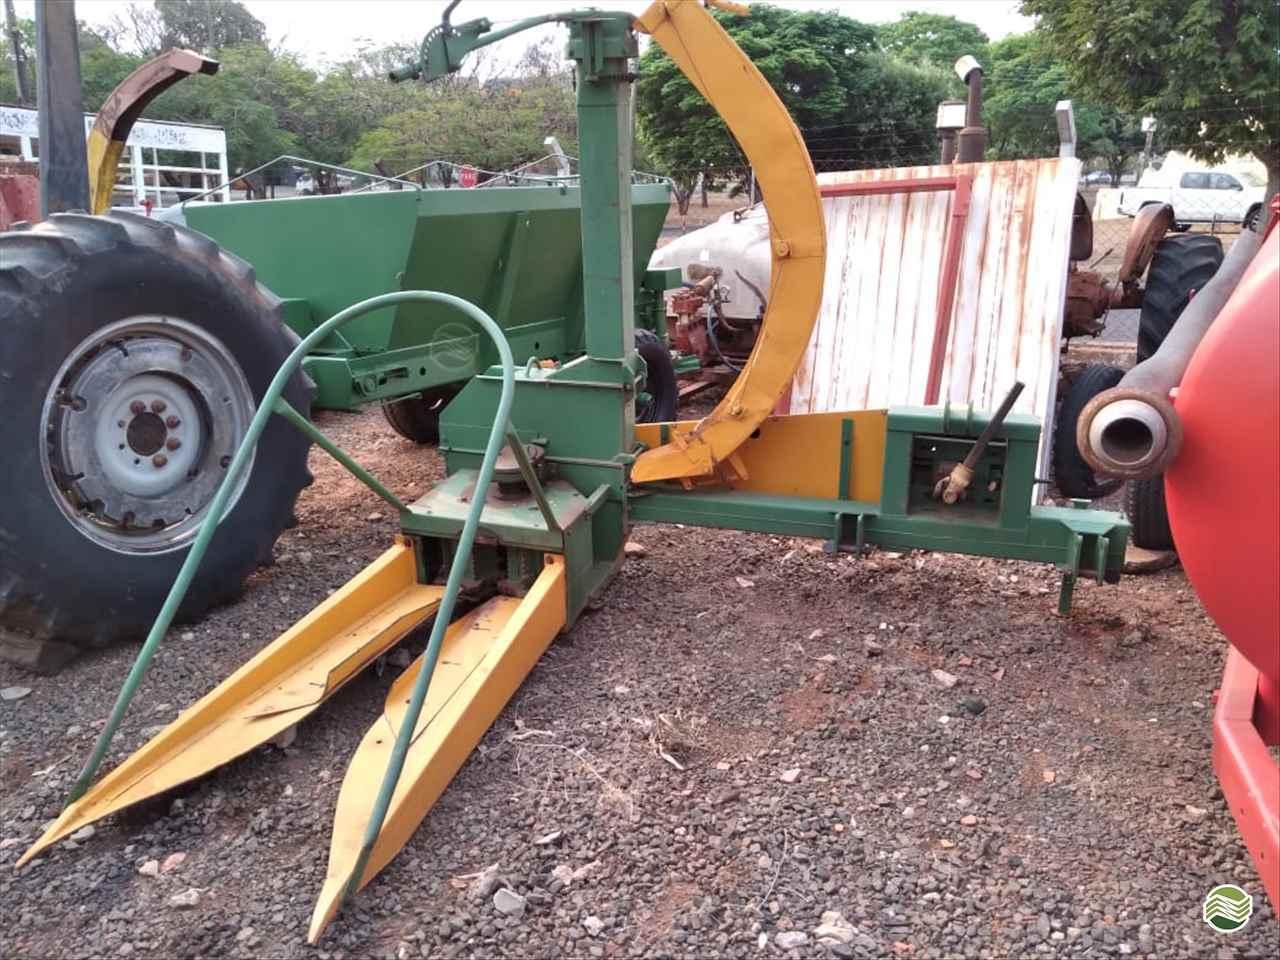 IMPLEMENTOS AGRICOLAS ENSILADEIRA ENSILADEIRA 1 LINHA Rei dos Tratores São José do Rio Preto SÃO PAULO SP